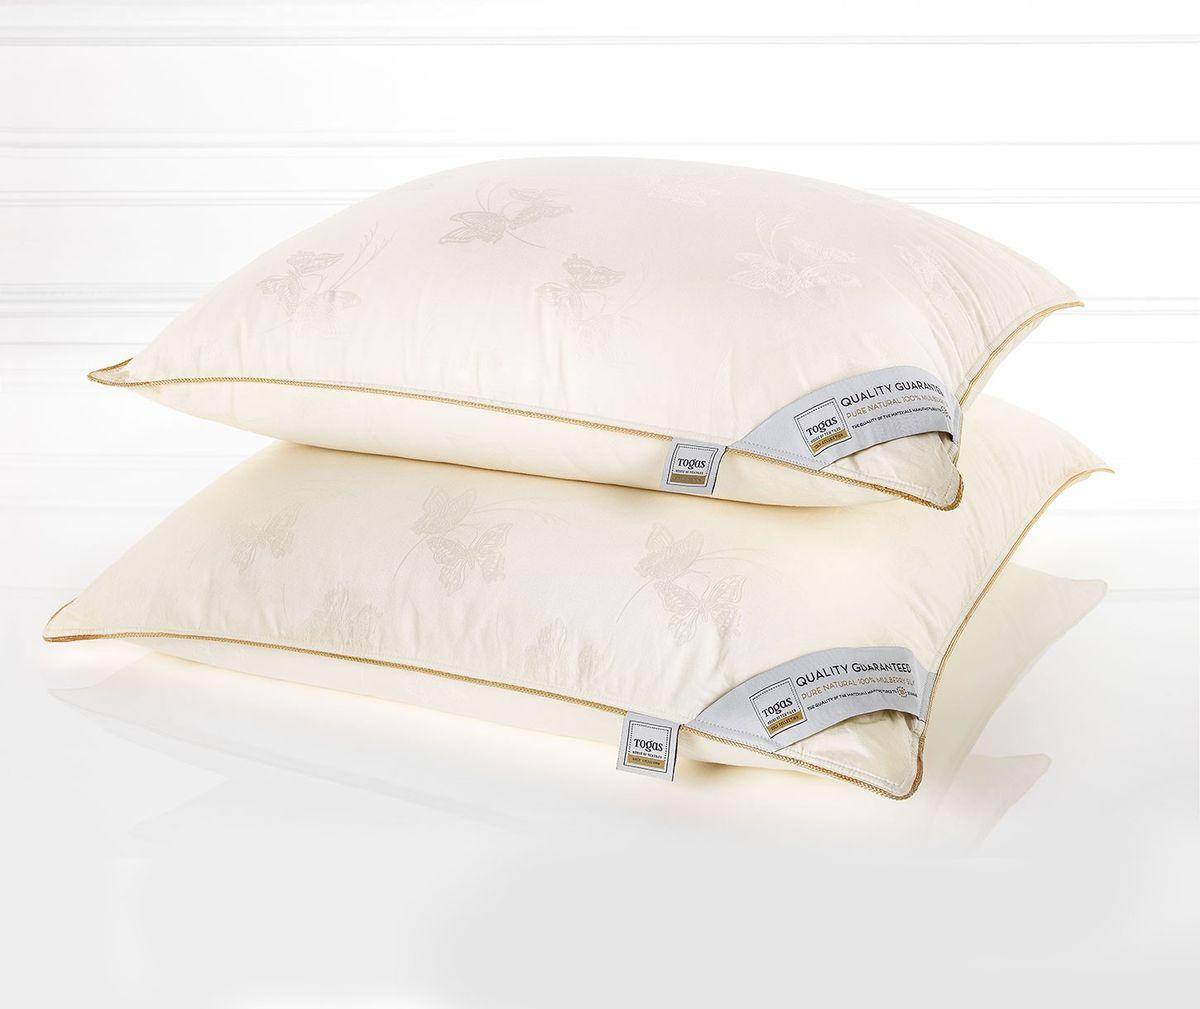 Подушка Togas Батерфляй, наполнитель: шелк, 70 х 70 см47.01Чехол подушки Togas Батерфляй выполнен из сатина (100% хлопок). Наполнитель одеяла состоит из 100% шелка.Роскошный сатин, из которого выполнен чехол, по праву считается «королем» хлопка. Изысканный глянец, позволяющий сравнить его с шелком, достигается благодаря особому переплетению волокон, придающему ткани шелковистую мягкость и прочность. Сатин оказывает расслабляющее и оздоравливающее воздействие, хорошо согревает тело и одновременно «дышит», прекрасно впитывает влагу, обладает высокими экологическими показателями и износостойкостью. Он прост в уходе и почти не мнется. Такой чехол, без сомнения, достоин своего драгоценного содержимого!Наполнитель из натурального шелка сорта Малбери отличается особой мягкостью и абсолютной невесомостью. Воплощение совершенного комфорта, оно согревает летом и охлаждает зимой, эффективно работает, пока вы отдыхаете. Все потому, что шелк - прекрасный натуральный терморегулятор. Он быстро поглощает тепло и поддерживает неизменную температуру тела вне зависимости от условий окружающей среды, создавая идеальный микроклимат. Шелк дышит: он хорошо впитывает и испаряет влагу, кондиционирует тело во время сна, насыщая его кислородом. Подушка Togas Батерфляй - настоящий подарок для перфекционистов и утонченных ценителей красоты.